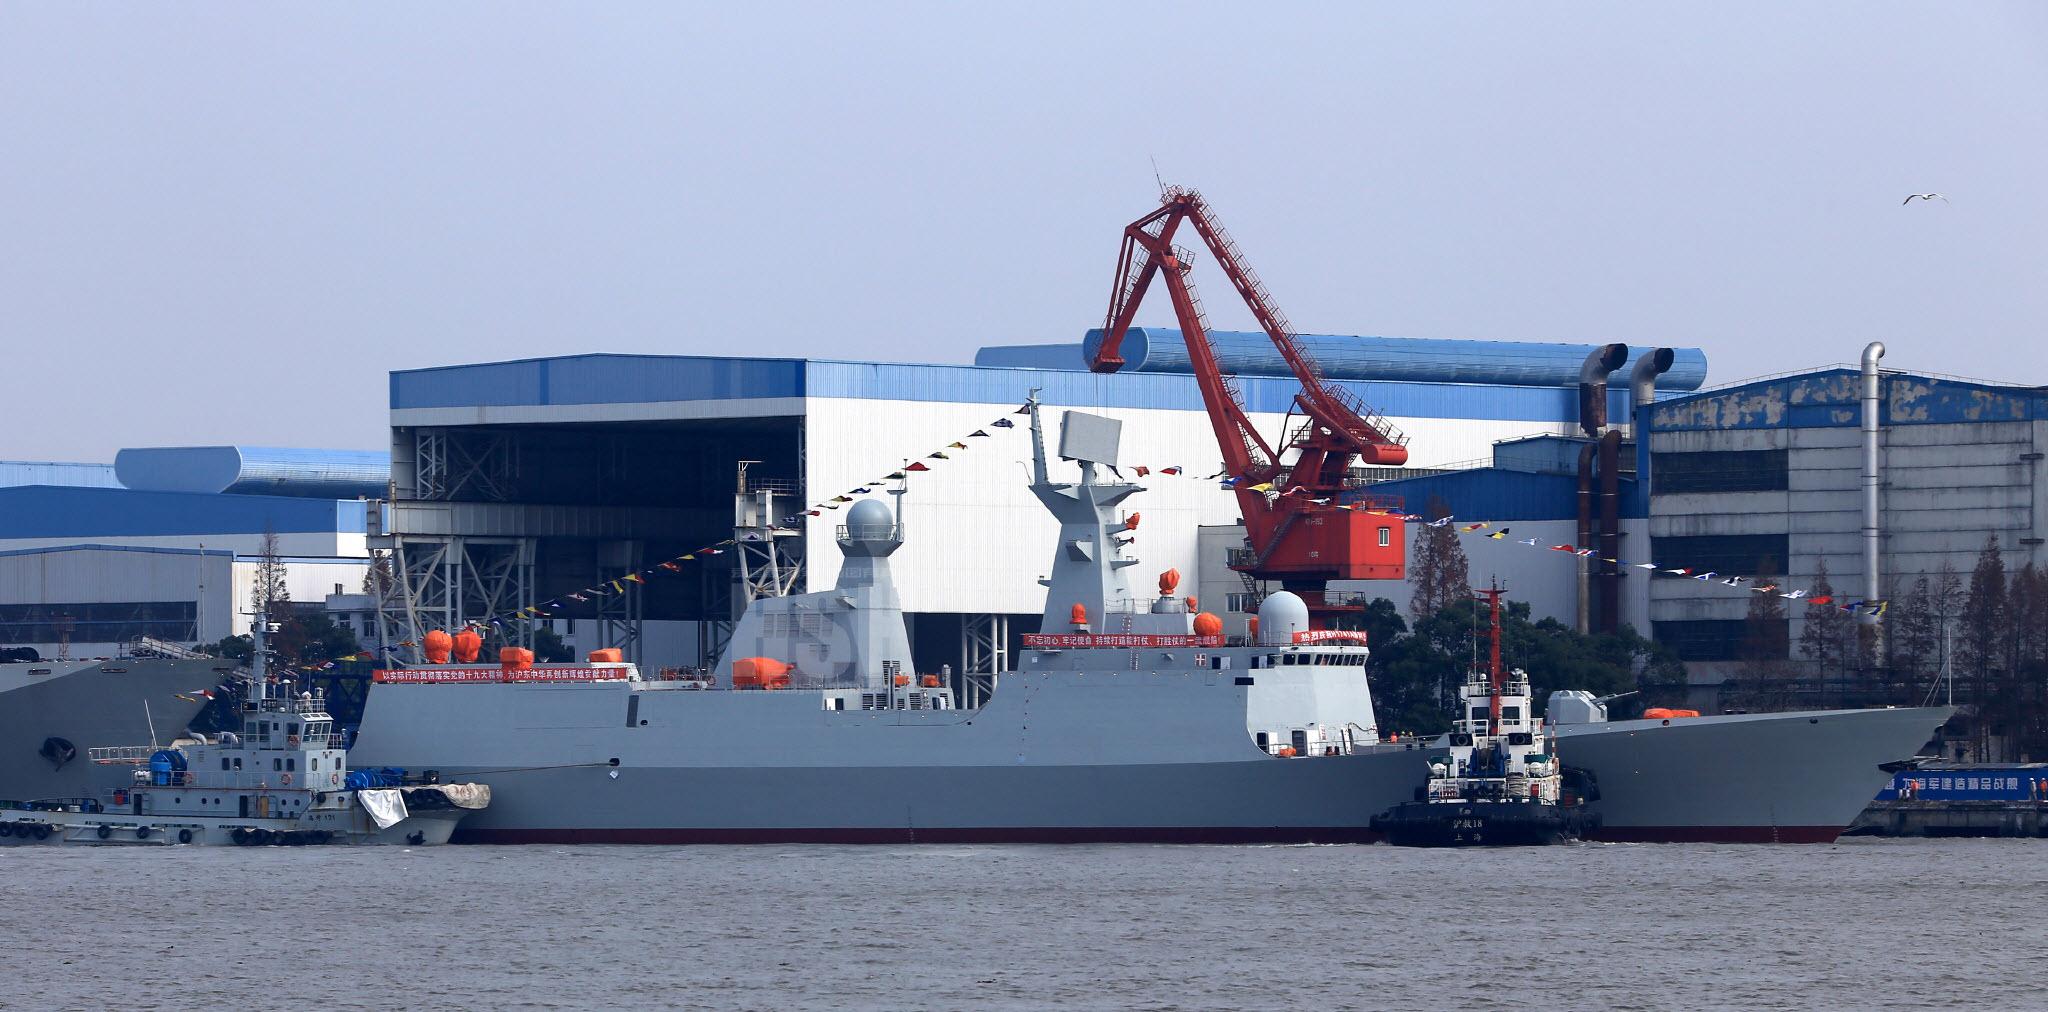 Пакистан заказал китайский фрегат проекта 054А и ищет другие новые корабли